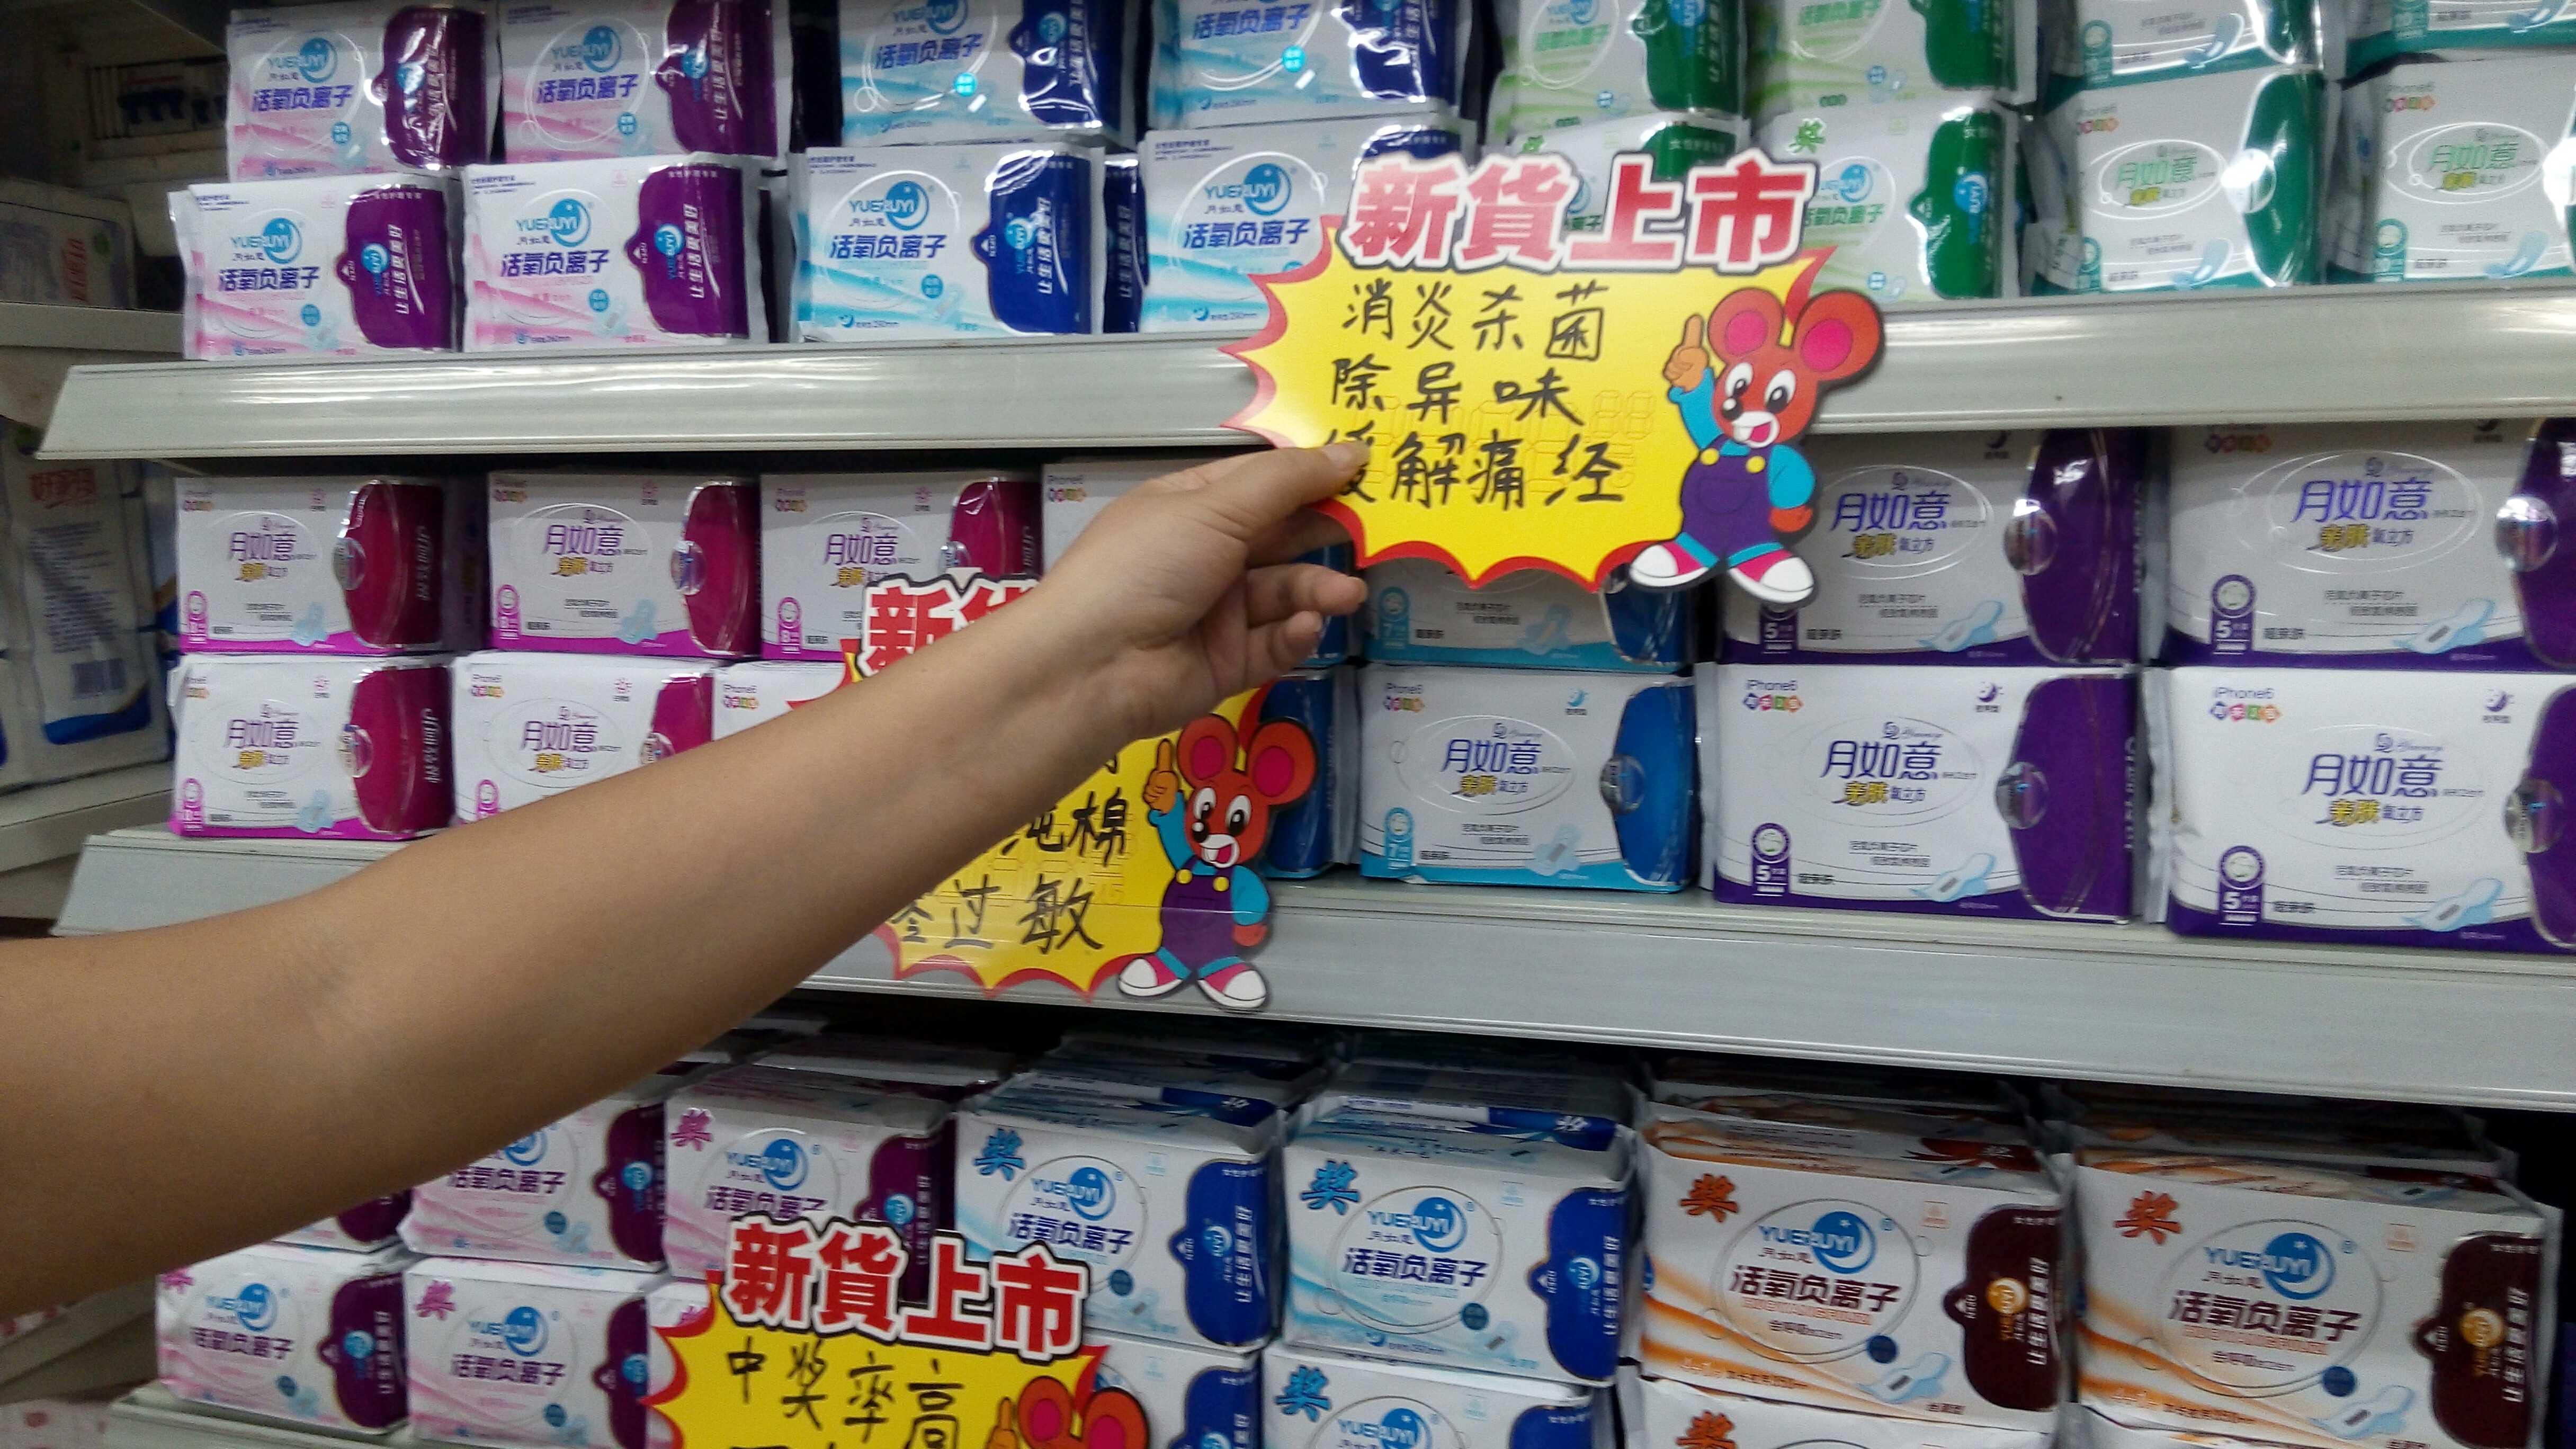 江西月如意卫生巾,月如意卫生巾加盟电话,月如意卫生巾